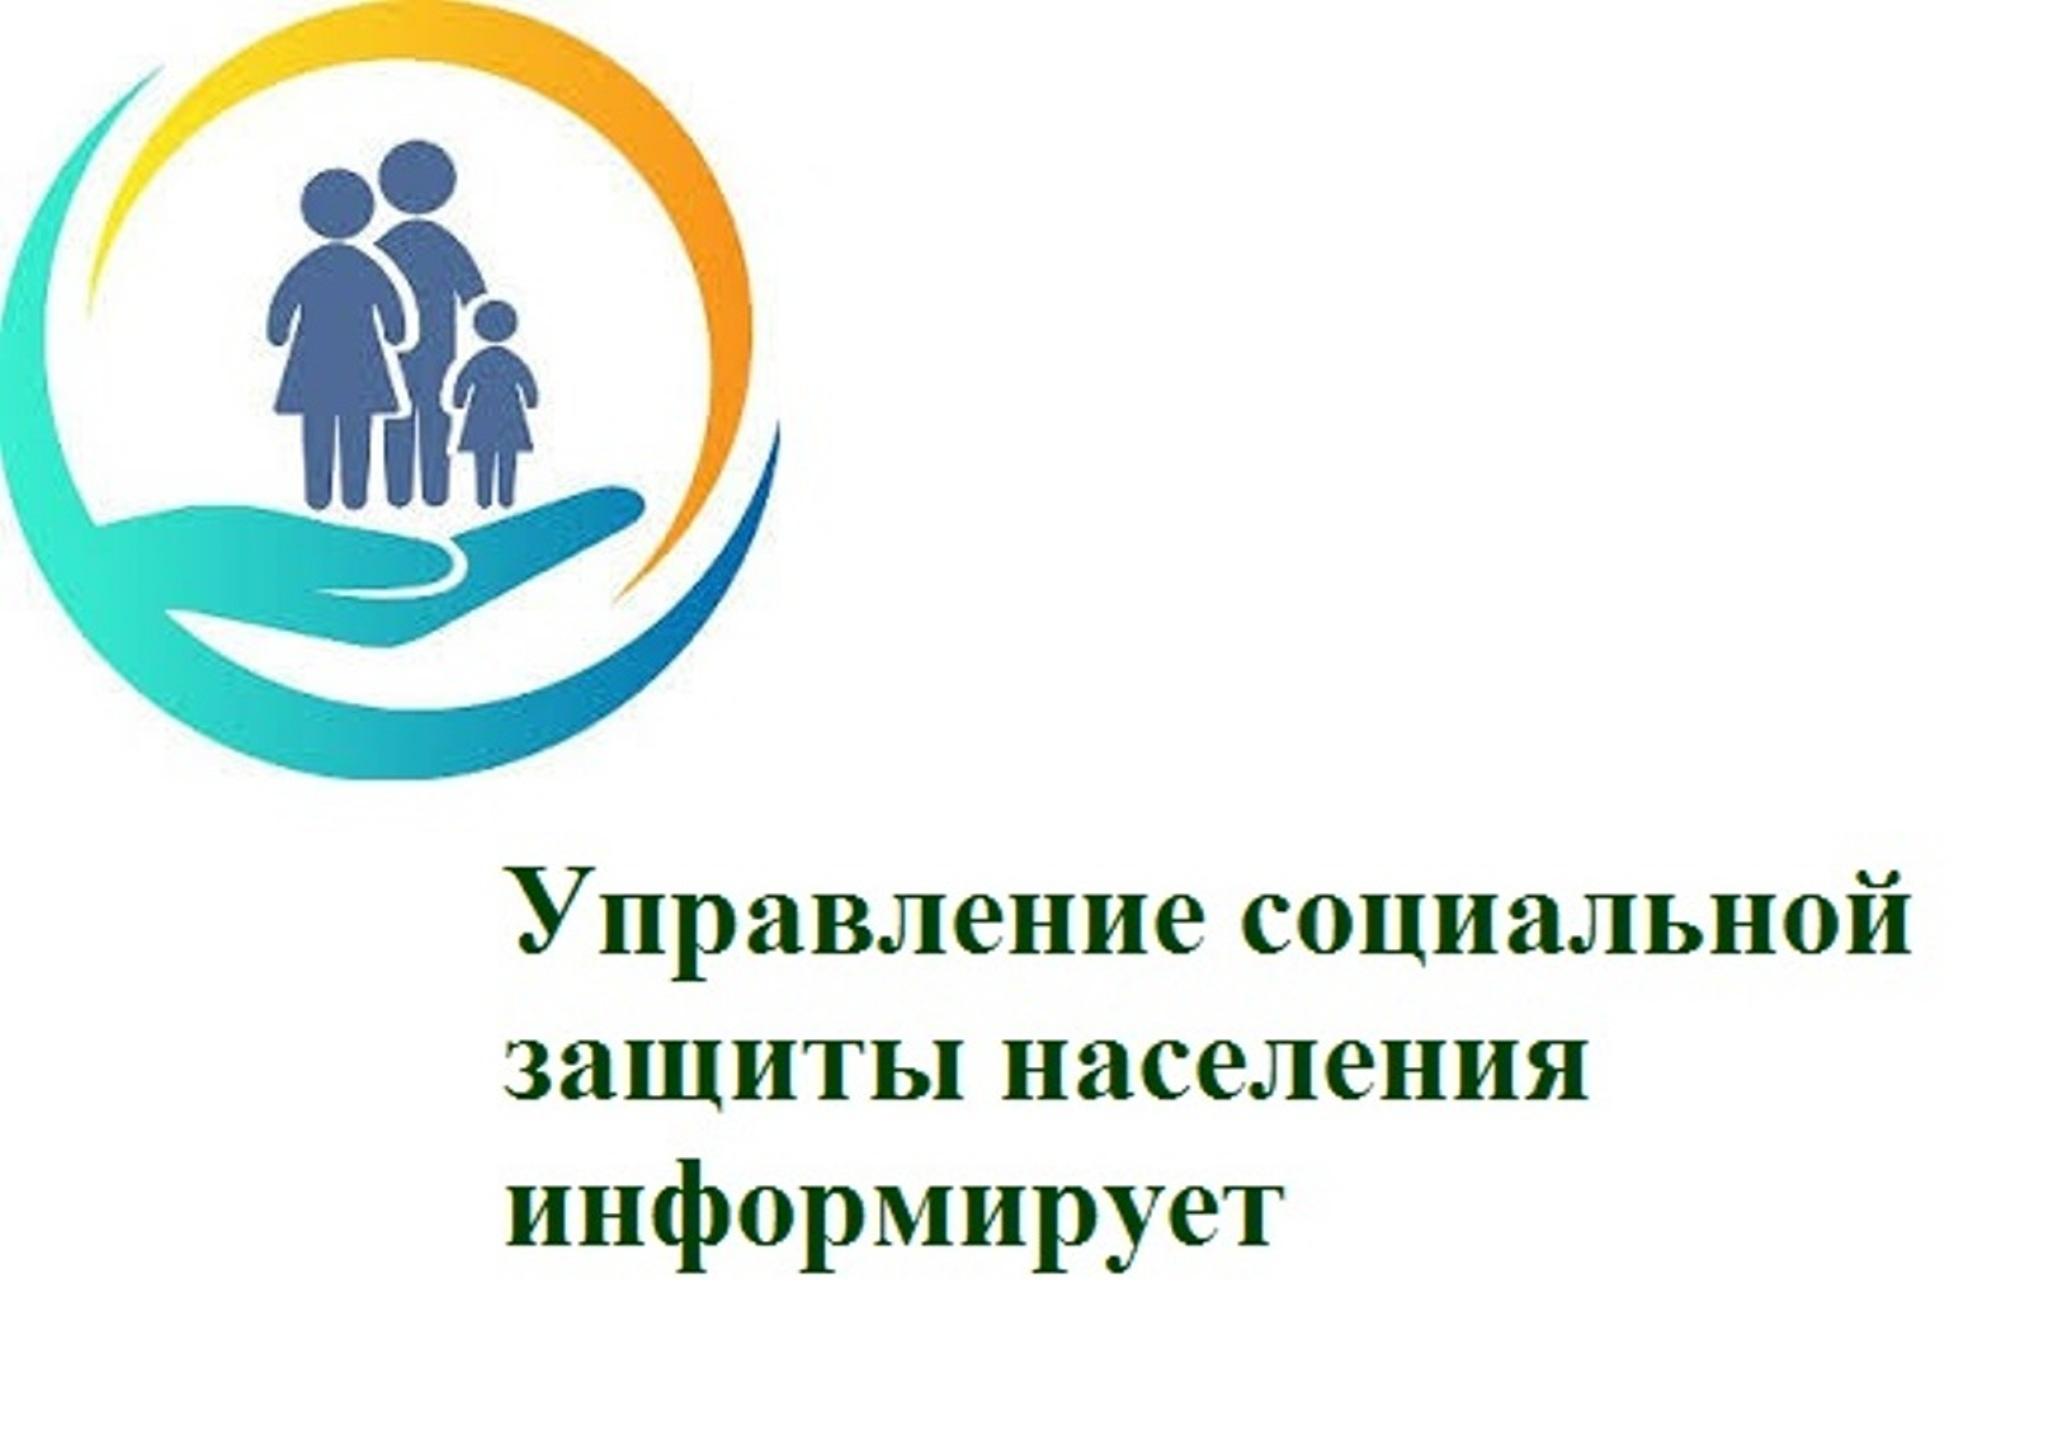 ОГКУ «Управление социальной защиты населения по Качугскому району» информирует